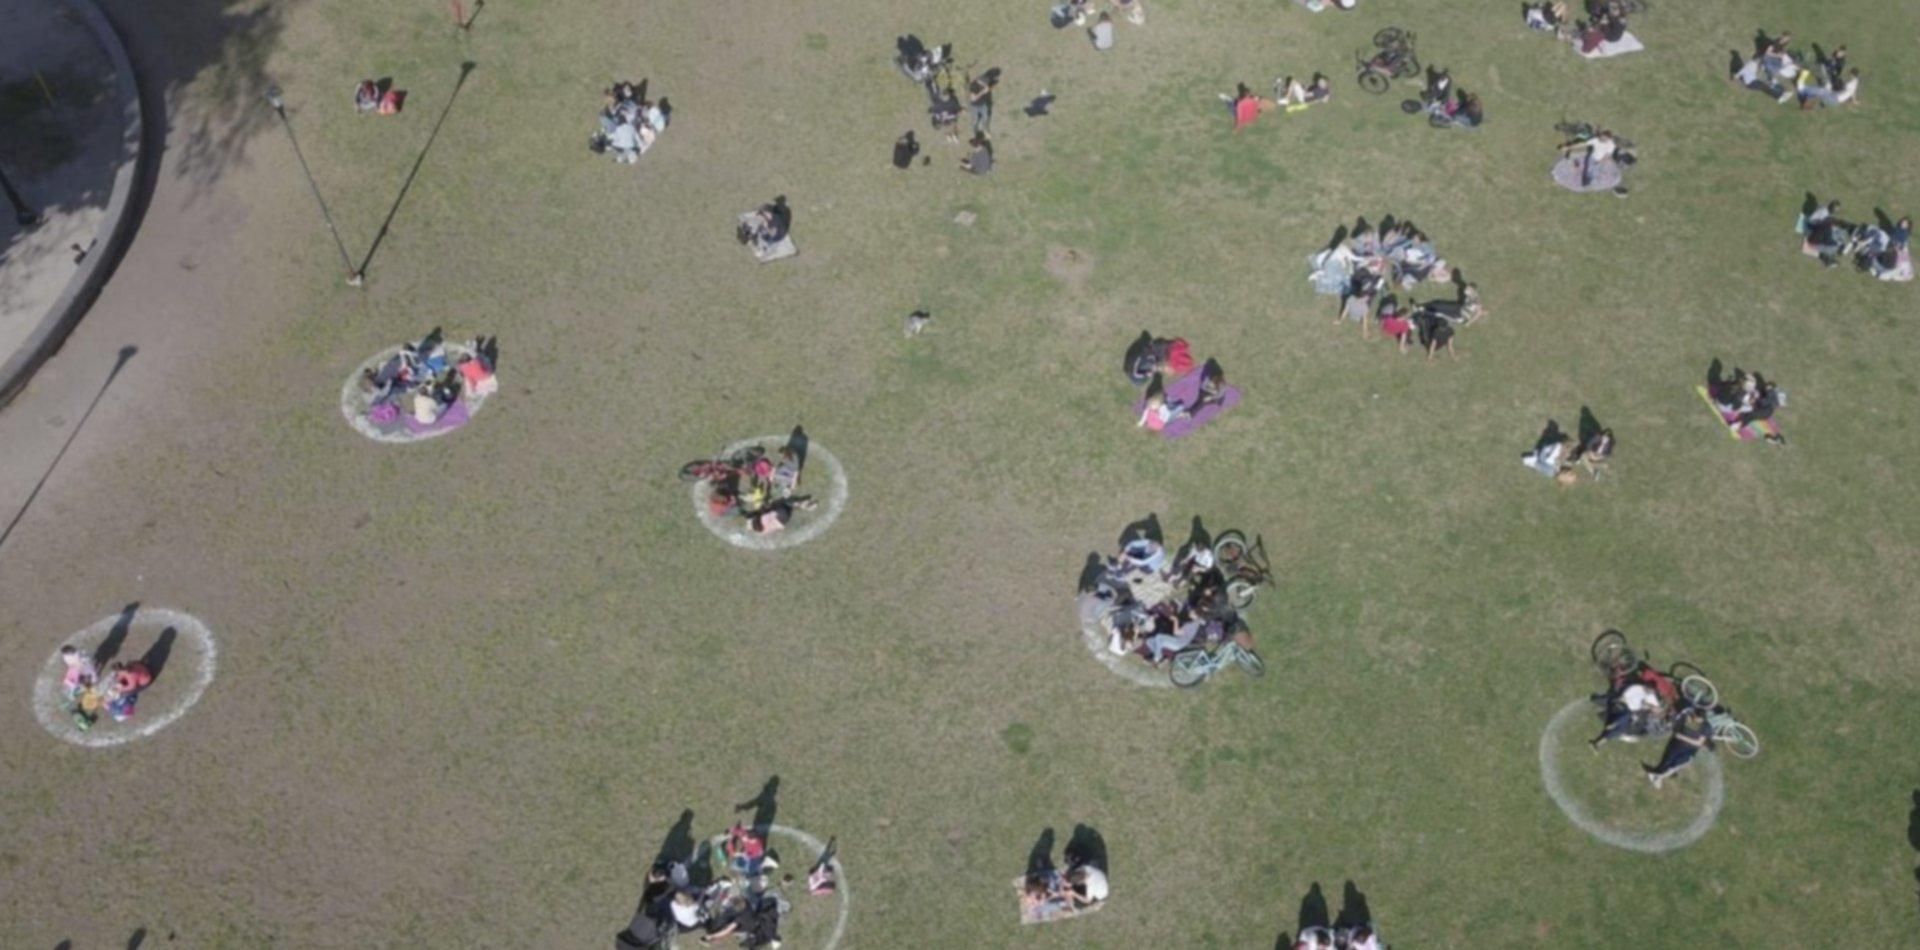 VIDEO: Así se vivió el Día de la Primavera en las plazas y parques de La Plata